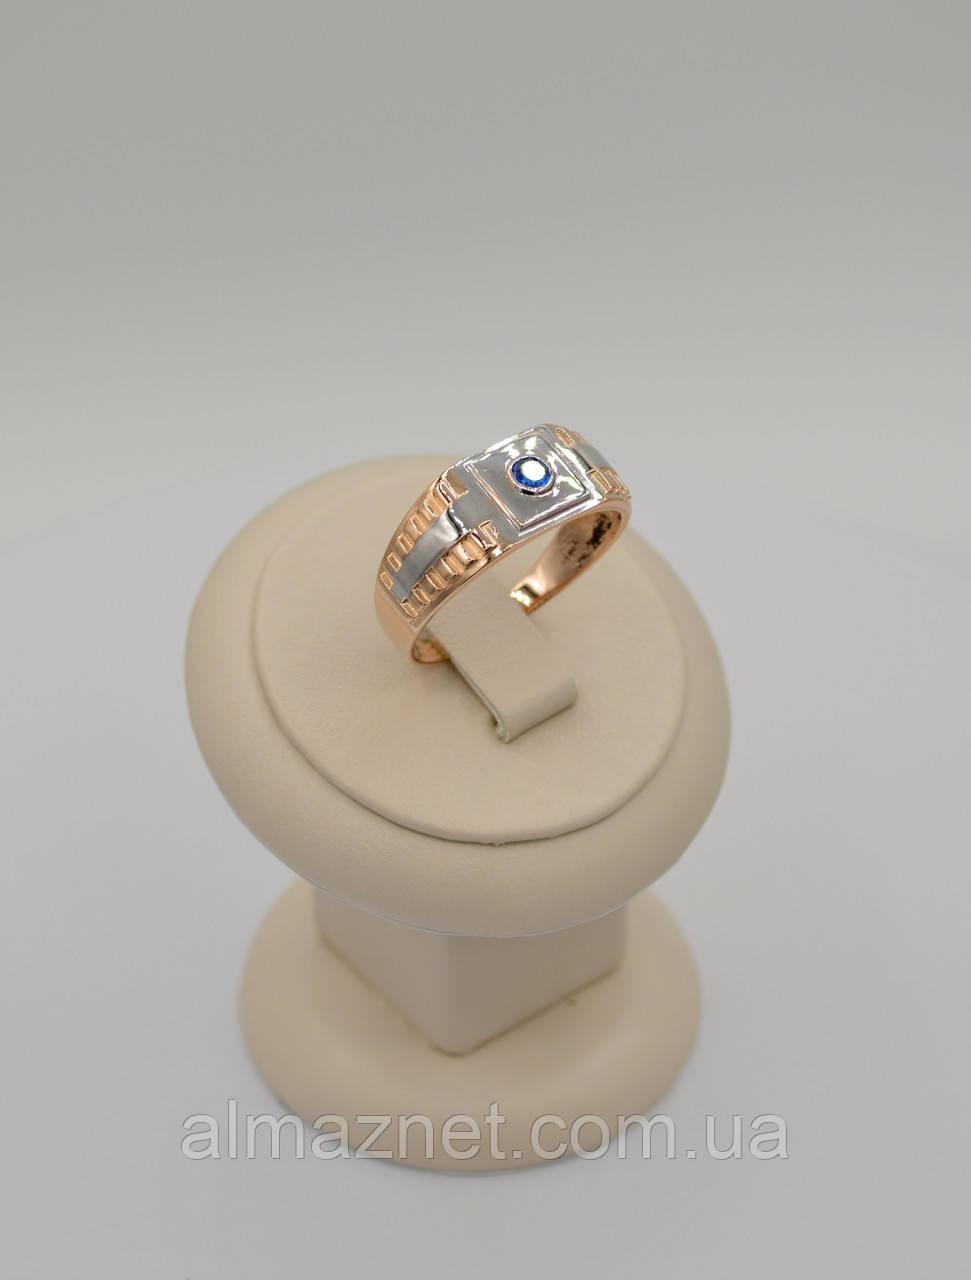 Золотое мужское кольцо Ролекс с одним камнем